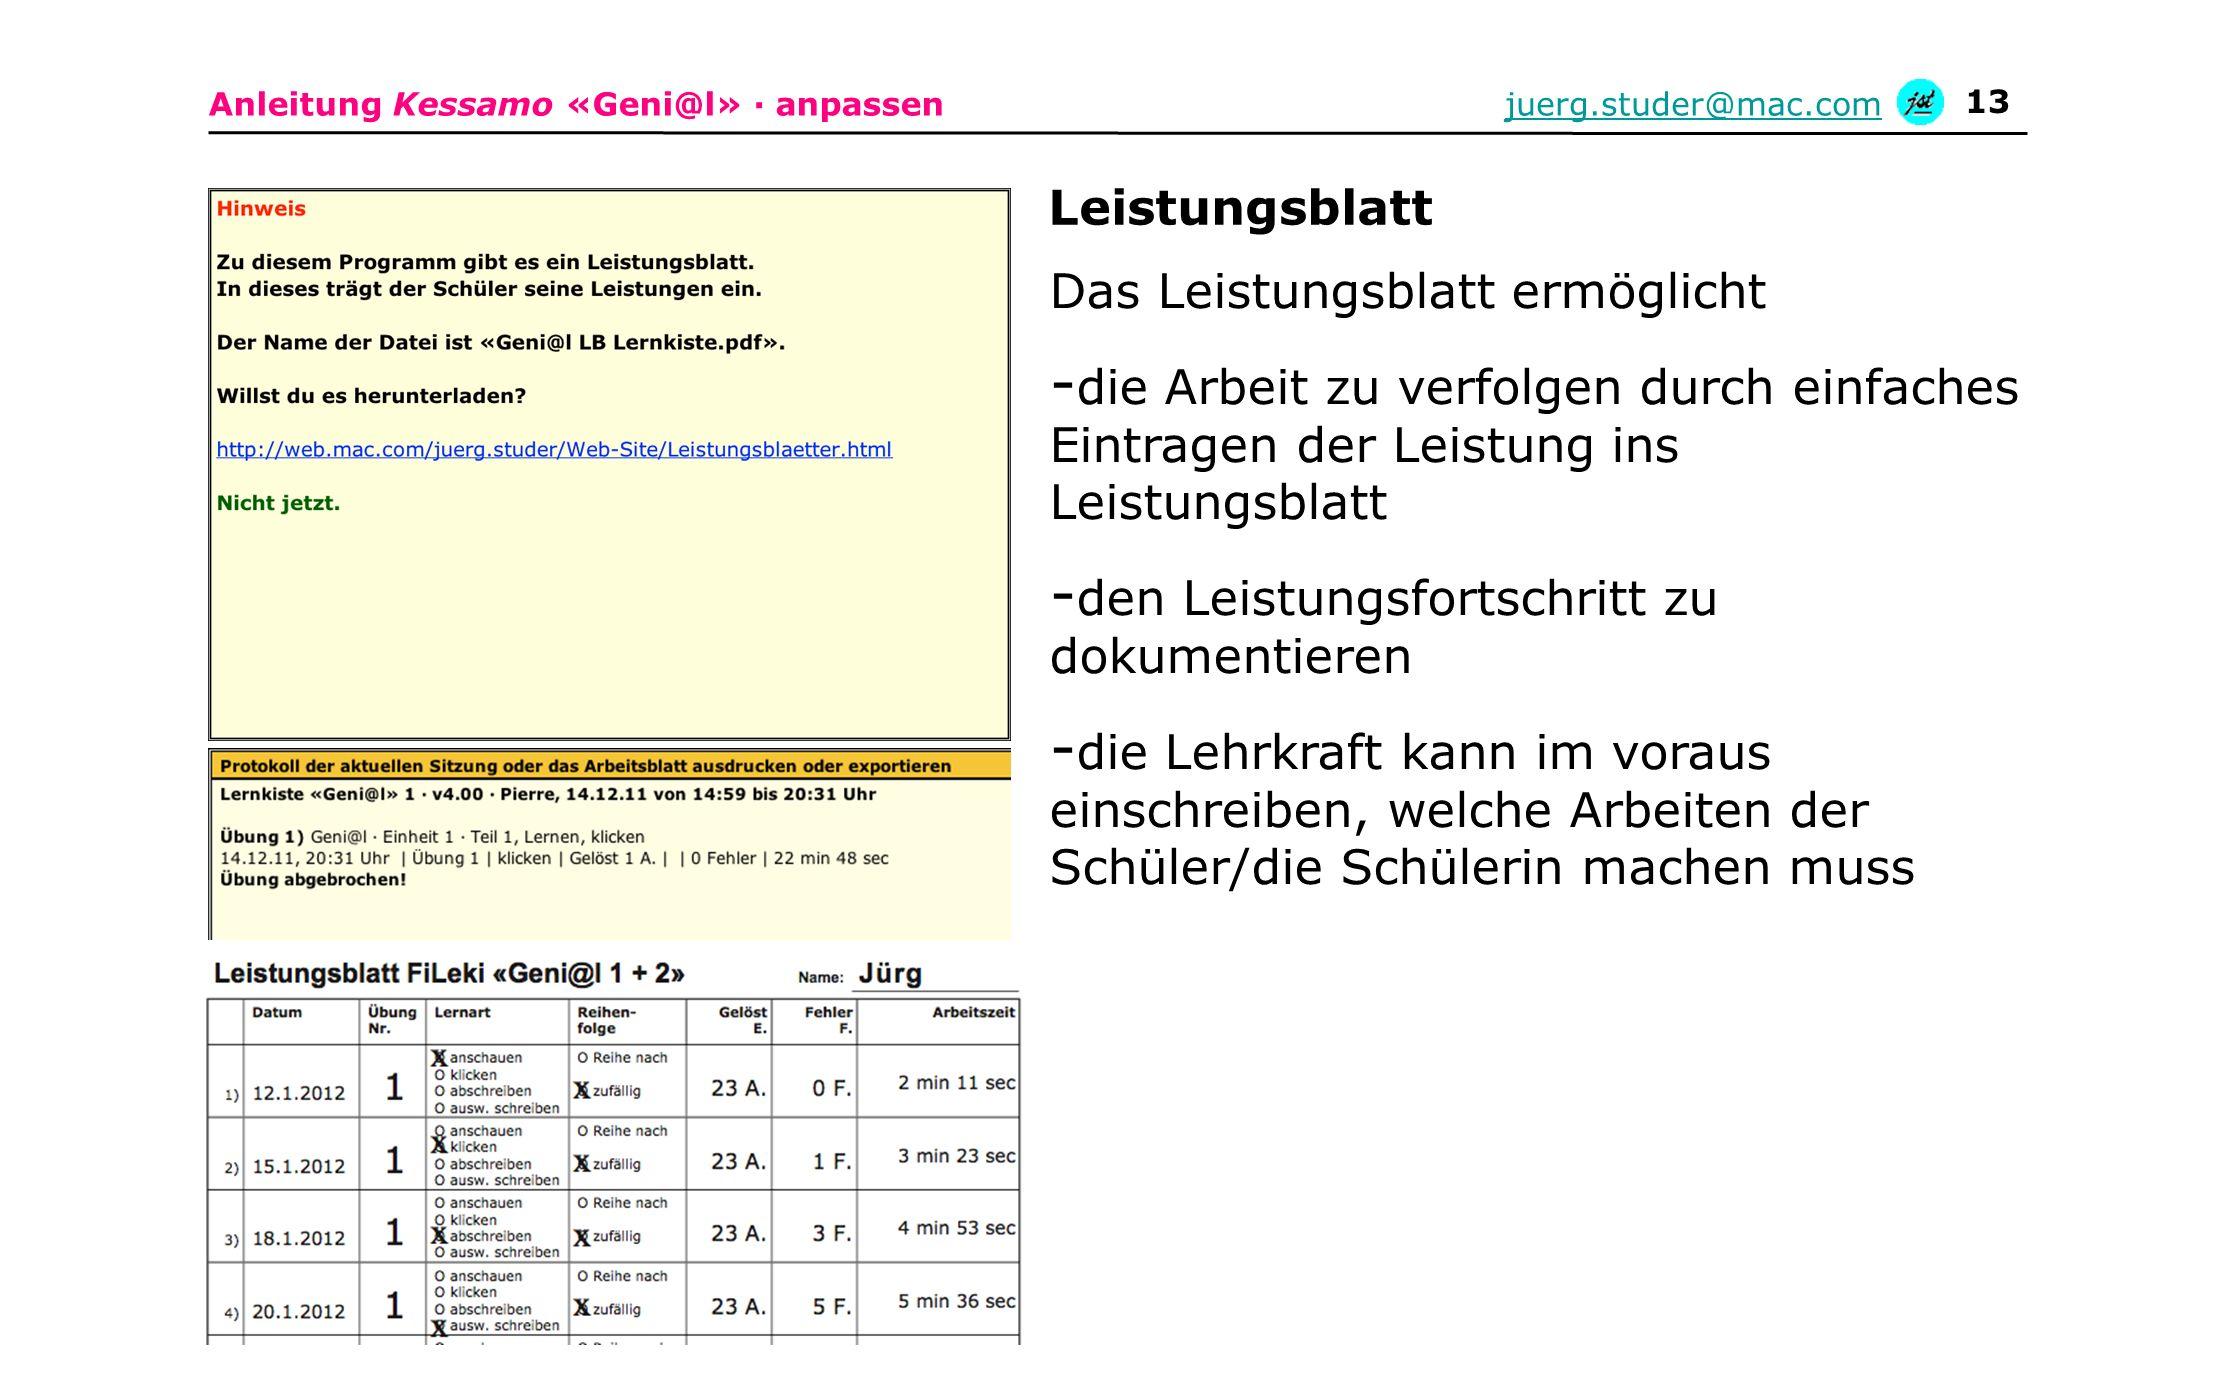 Anleitung Kessamo «Geni@l» · anpassenjuerg.studer@mac.com 13 Das Leistungsblatt ermöglicht - die Arbeit zu verfolgen durch einfaches Eintragen der Lei